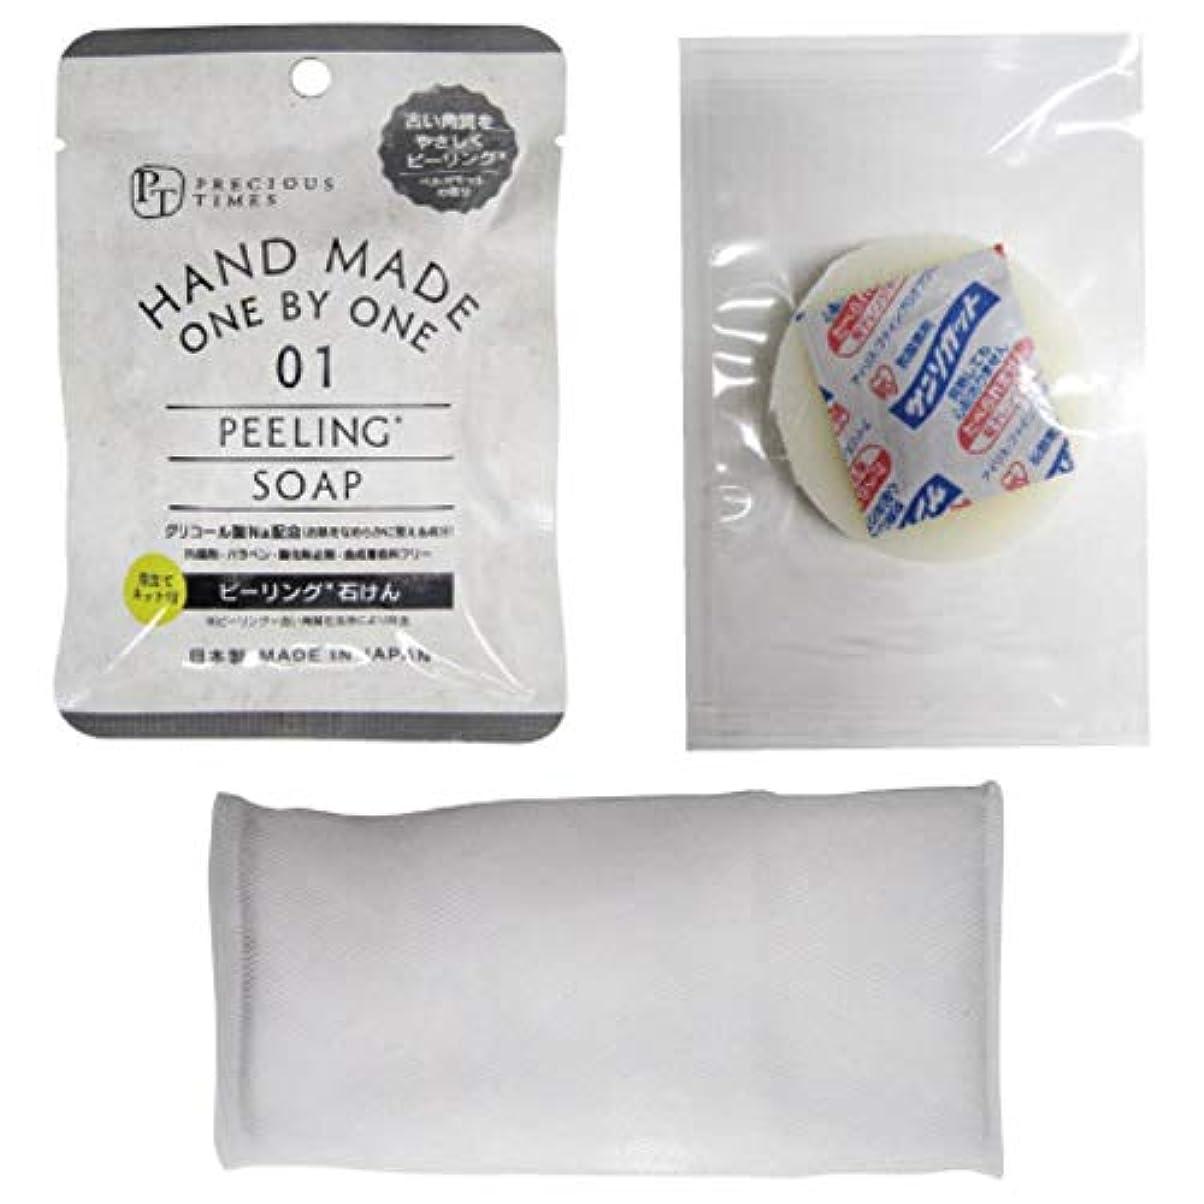 仕方出版メロディーピーリング石鹸 12g ベルガモット 香り 泡立てネット付 PEELING SOAP 日本製 HAND MADE 角質除去 防腐剤等無添加 わくねり化粧石けん